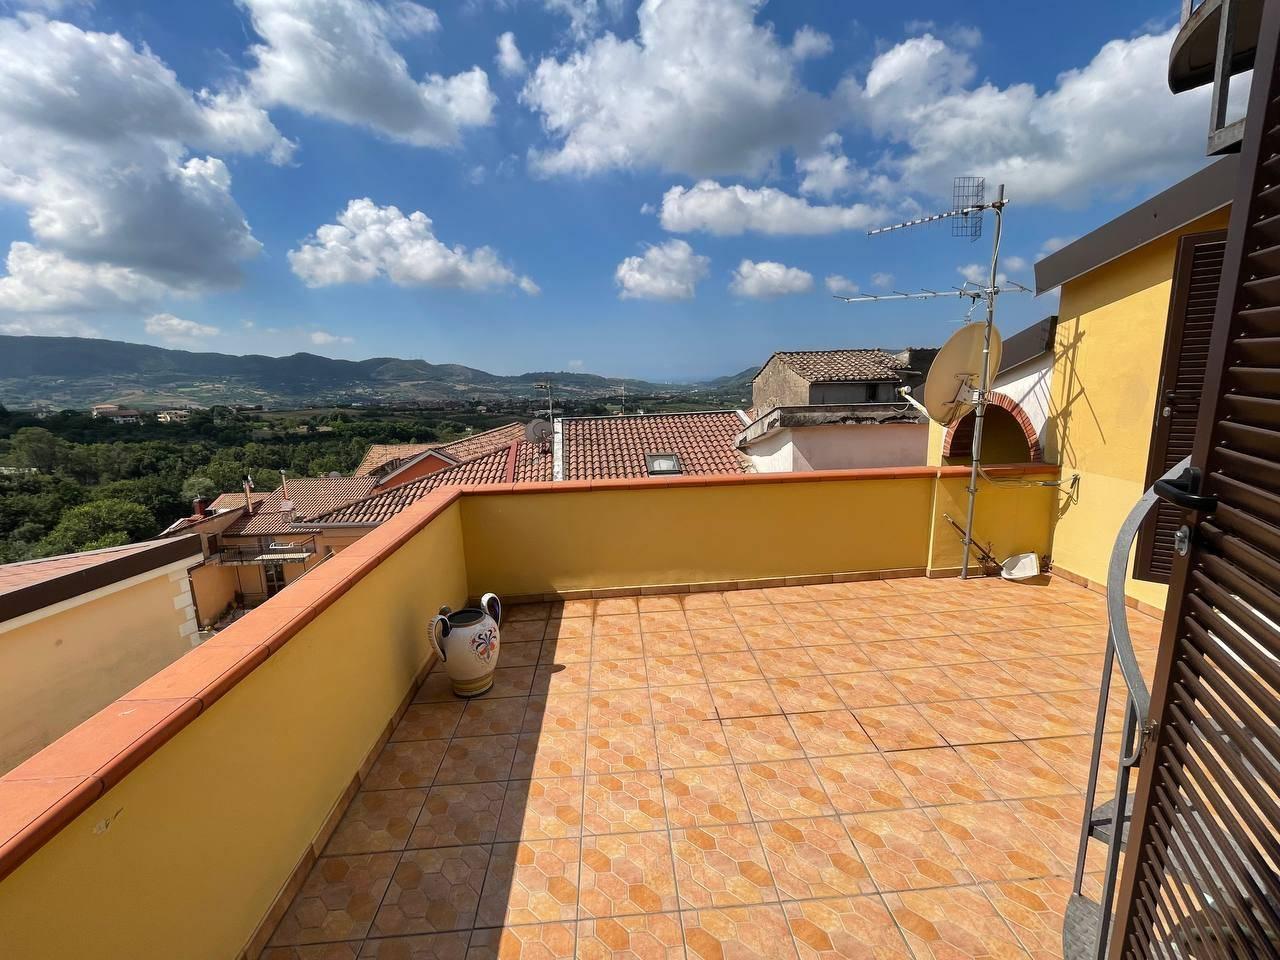 Appartamento in vendita a Giffoni Sei Casali, 2 locali, zona Località: CAPITIGNANO, prezzo € 89.000   PortaleAgenzieImmobiliari.it